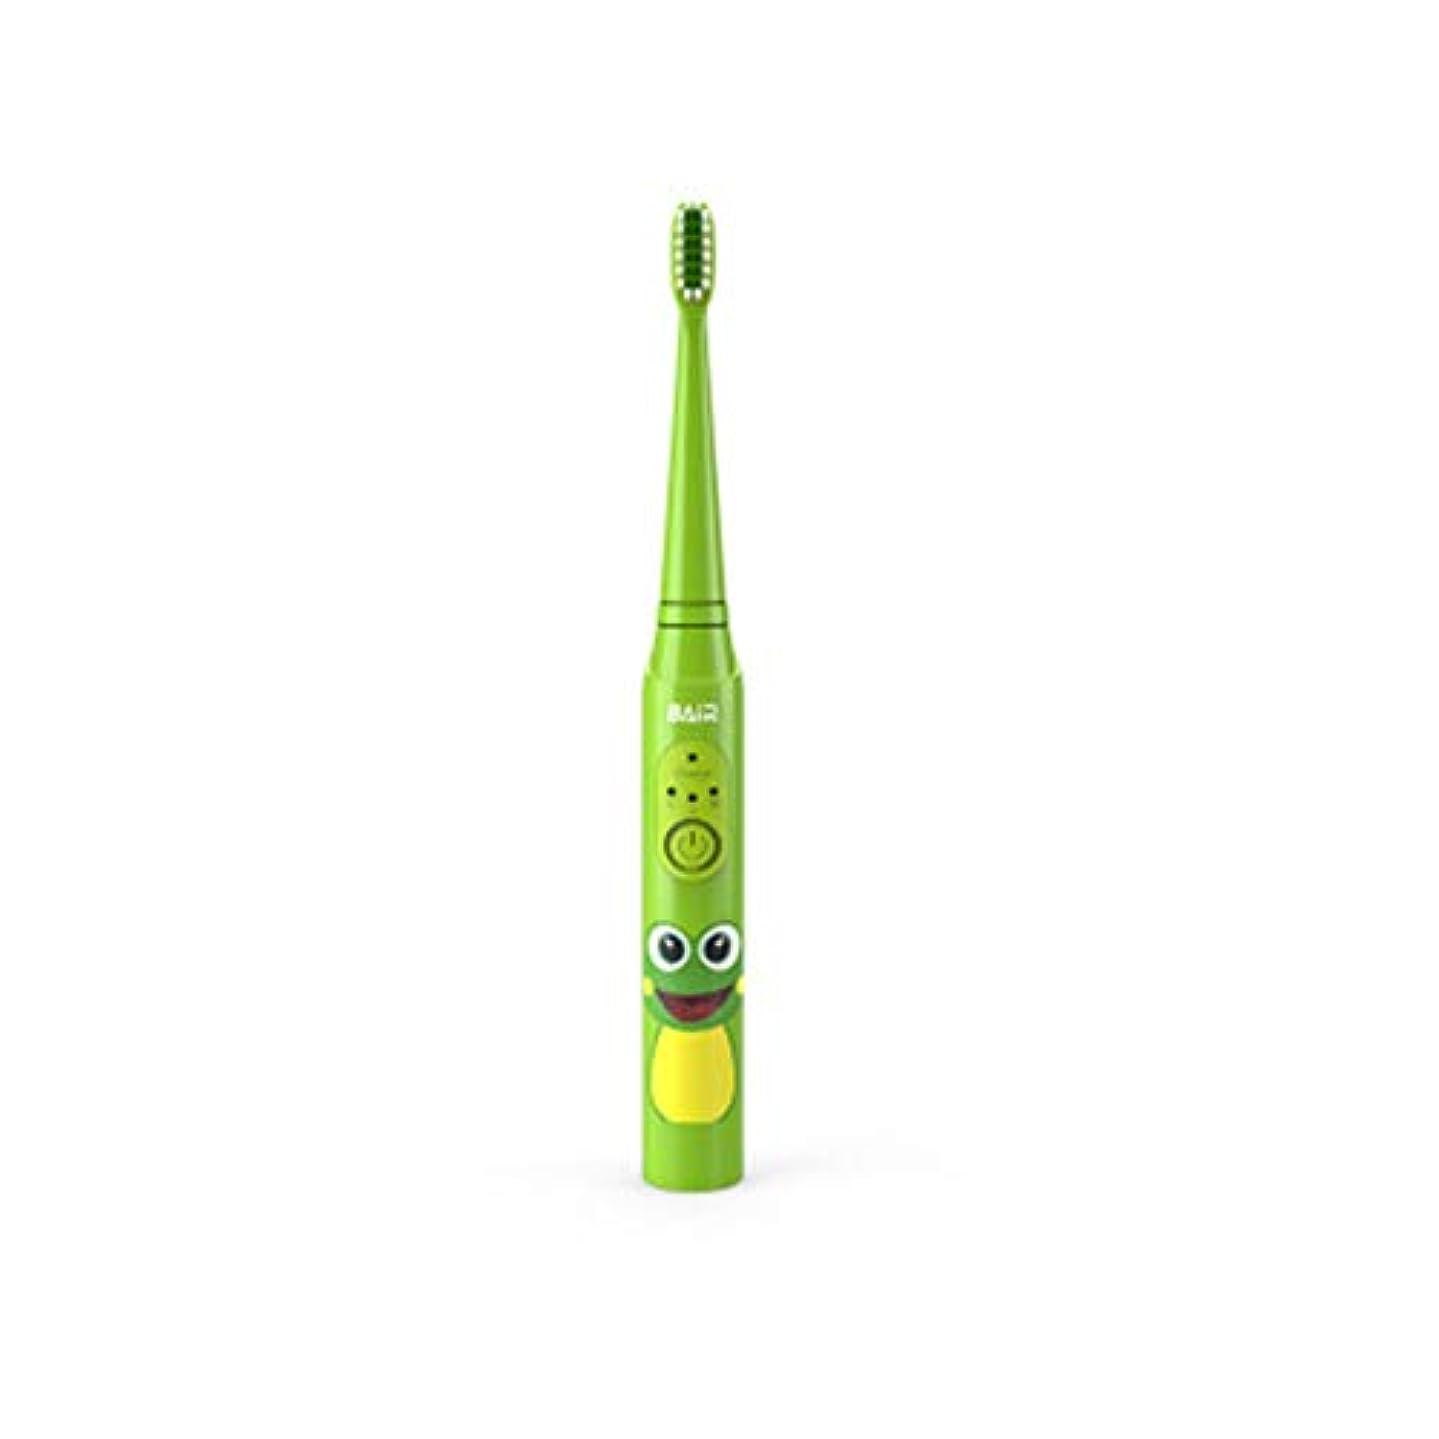 なくなる巨大な境界子供のためのインテリジェントな子供用電動歯ブラシ、充電式音波電動歯ブラシ、明るい白い歯、歯茎のケア、交換可能なブラシヘッド-green